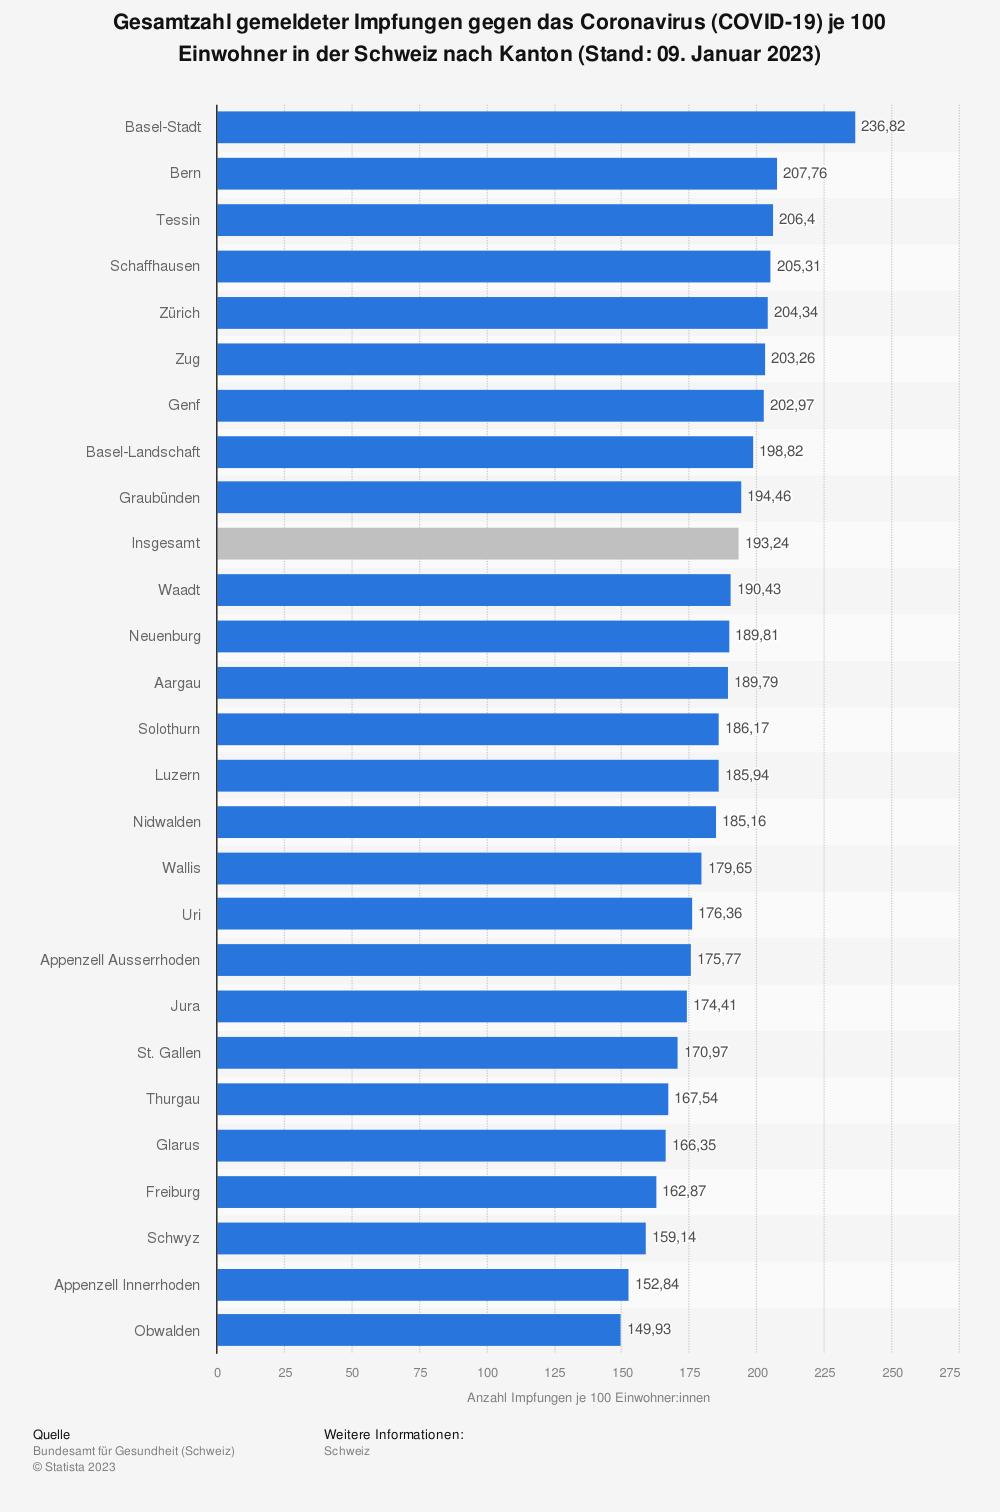 Statistik: Gesamtzahl gemeldeter Impfungen gegen das Coronavirus (COVID-19) je 100 Einwohner in der Schweiz nach Kanton (Stand: 18. Mai 2021) | Statista